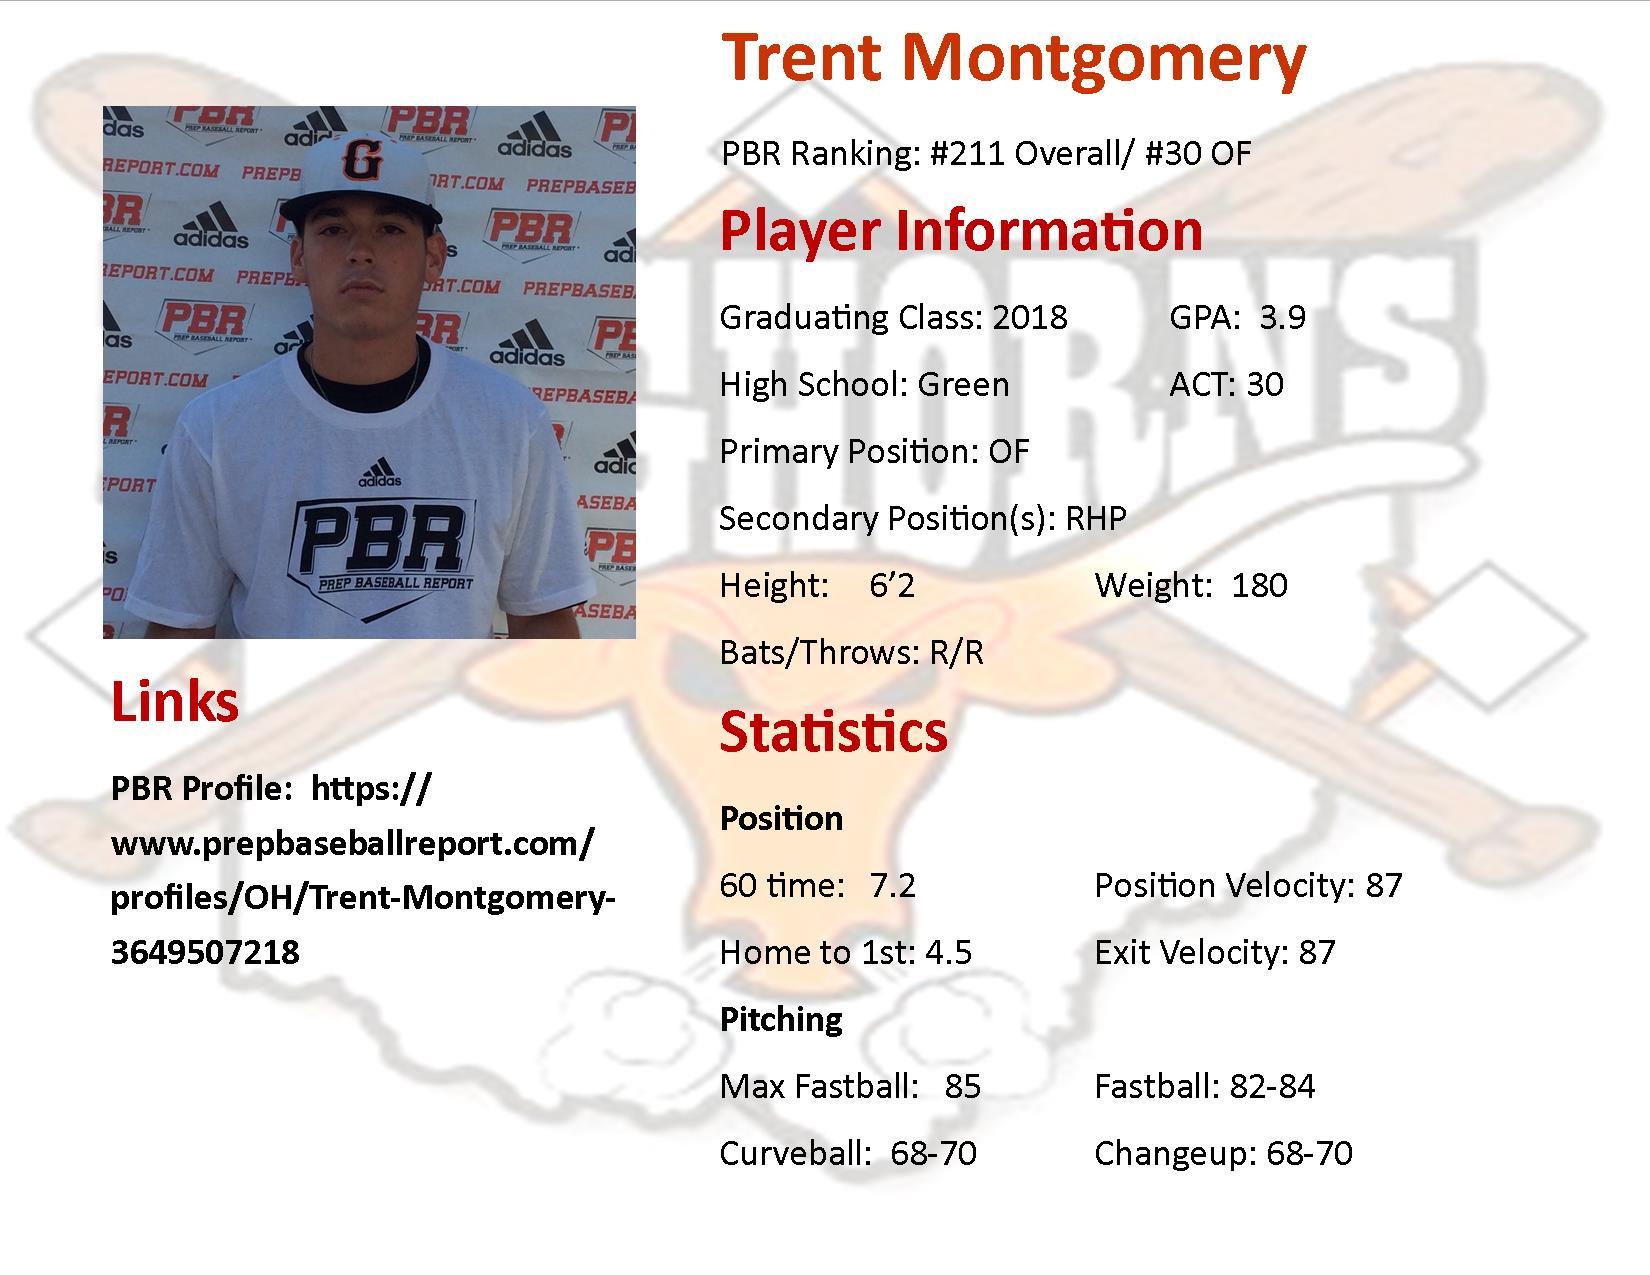 Trent Montgomery